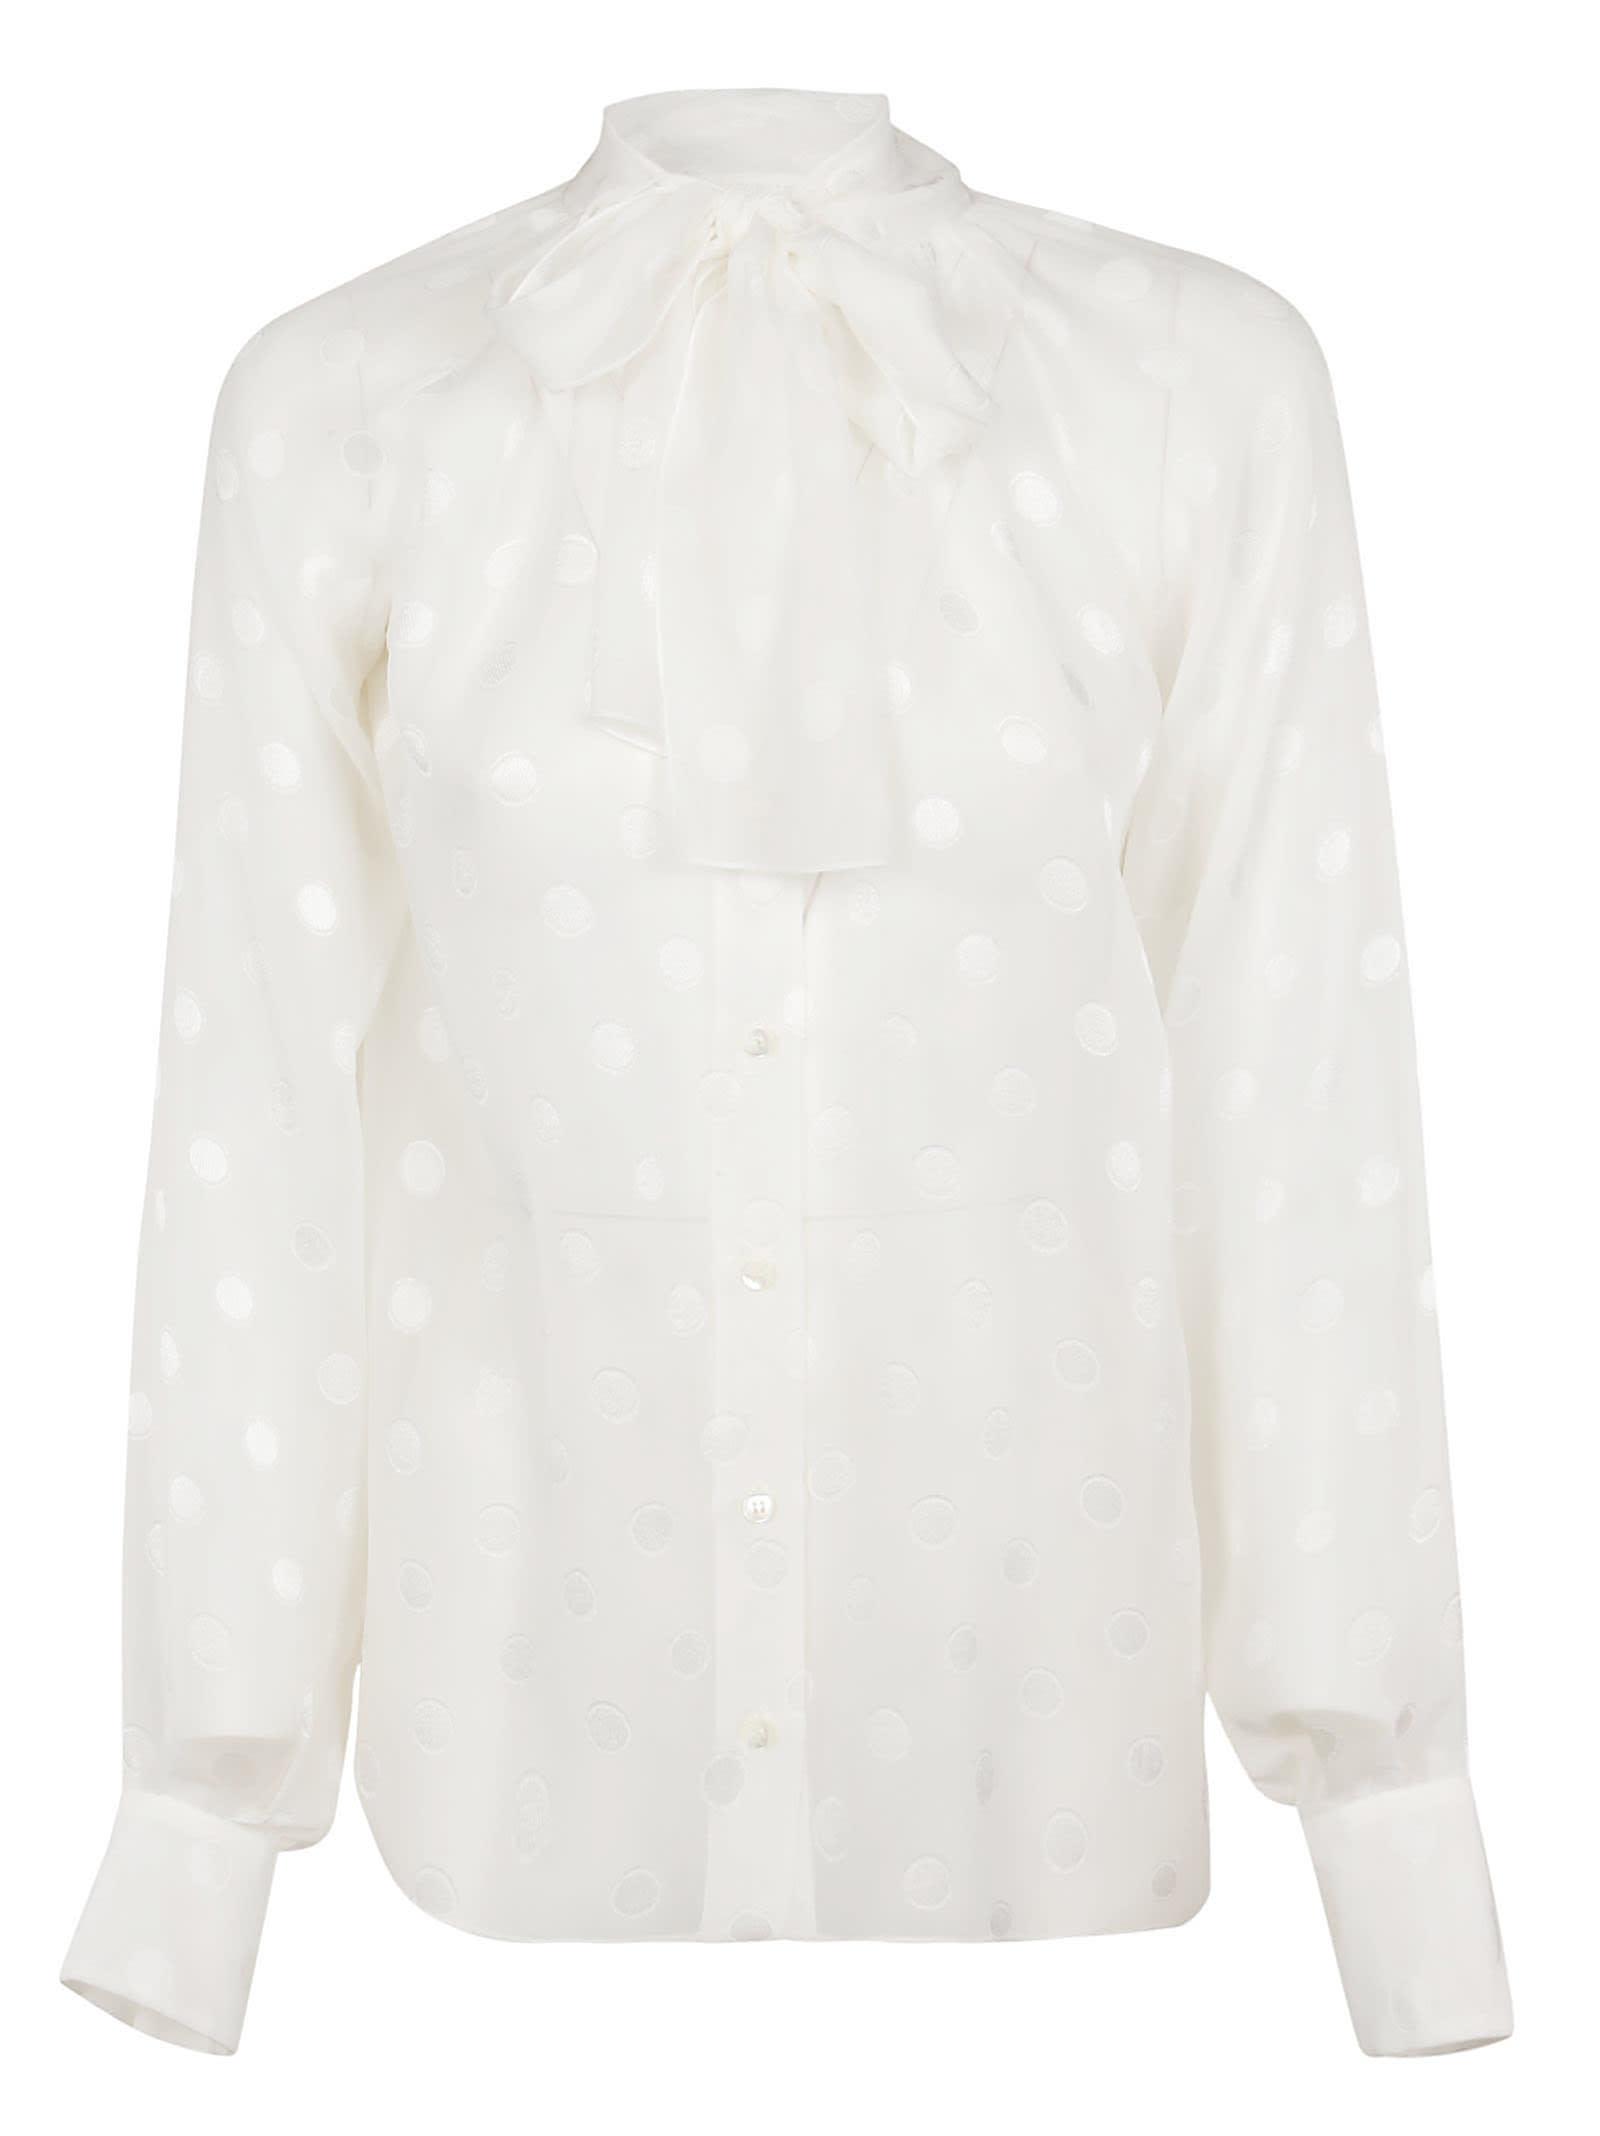 Dolce & Gabbana T-shirts SHIRT